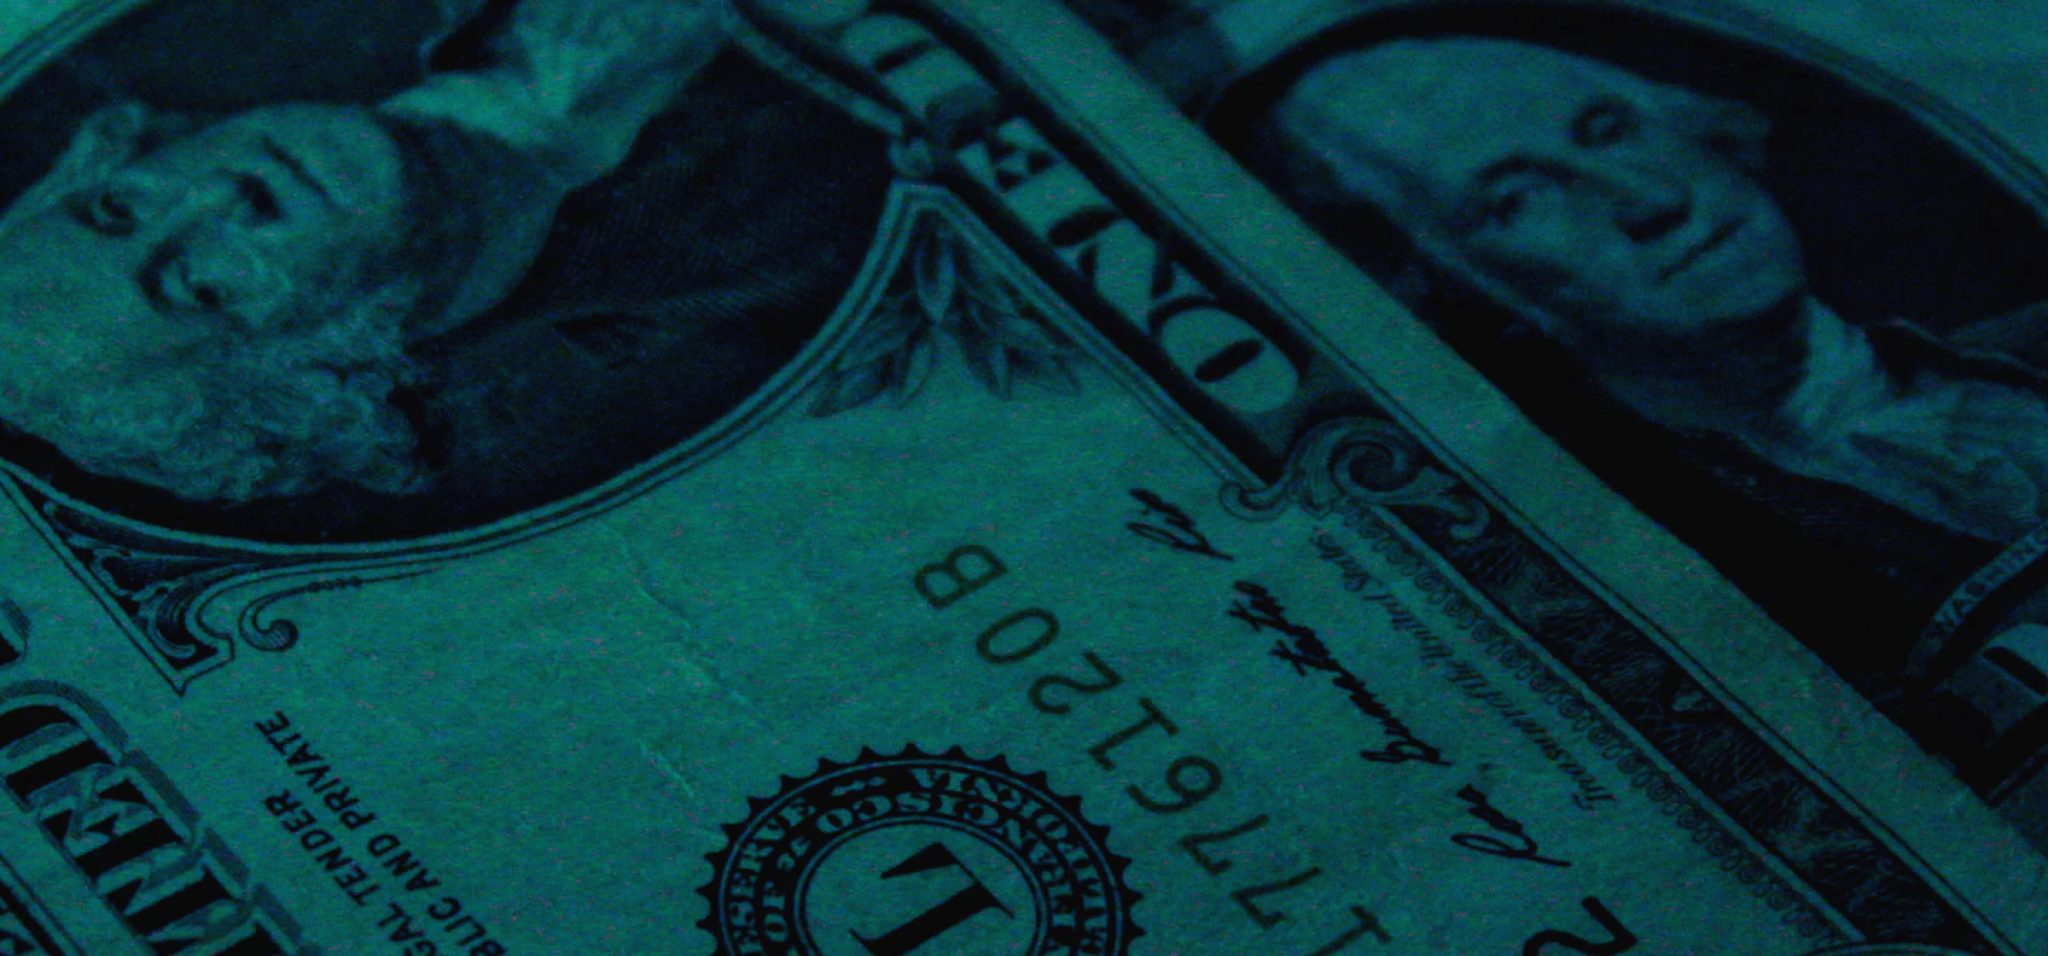 Cómo conseguir dinero: 5 métodos infalibles para lograrlo